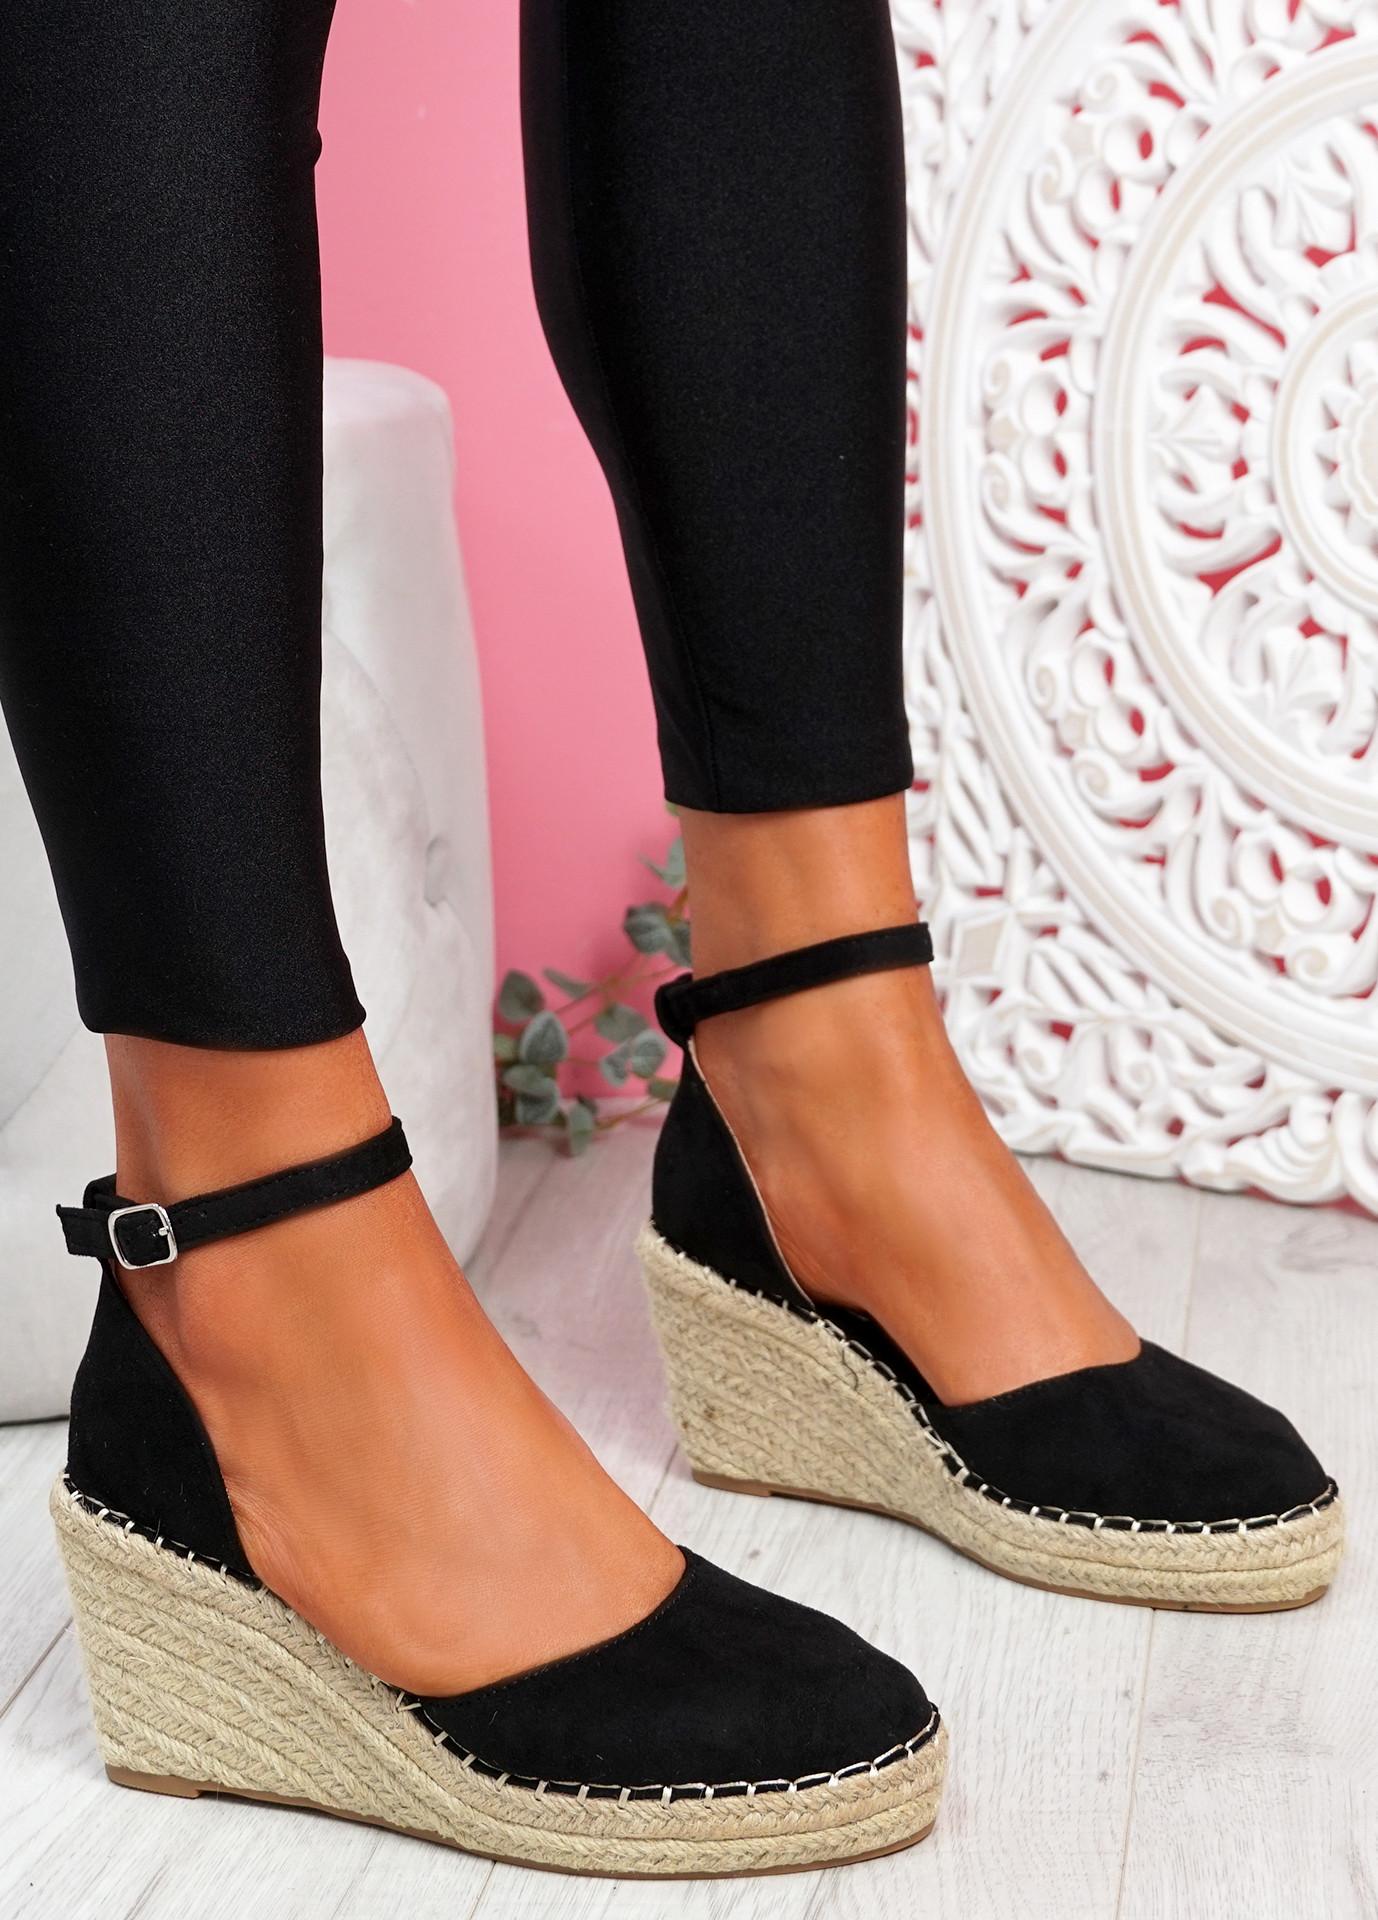 Tifa Black Wedges Platform Sandals